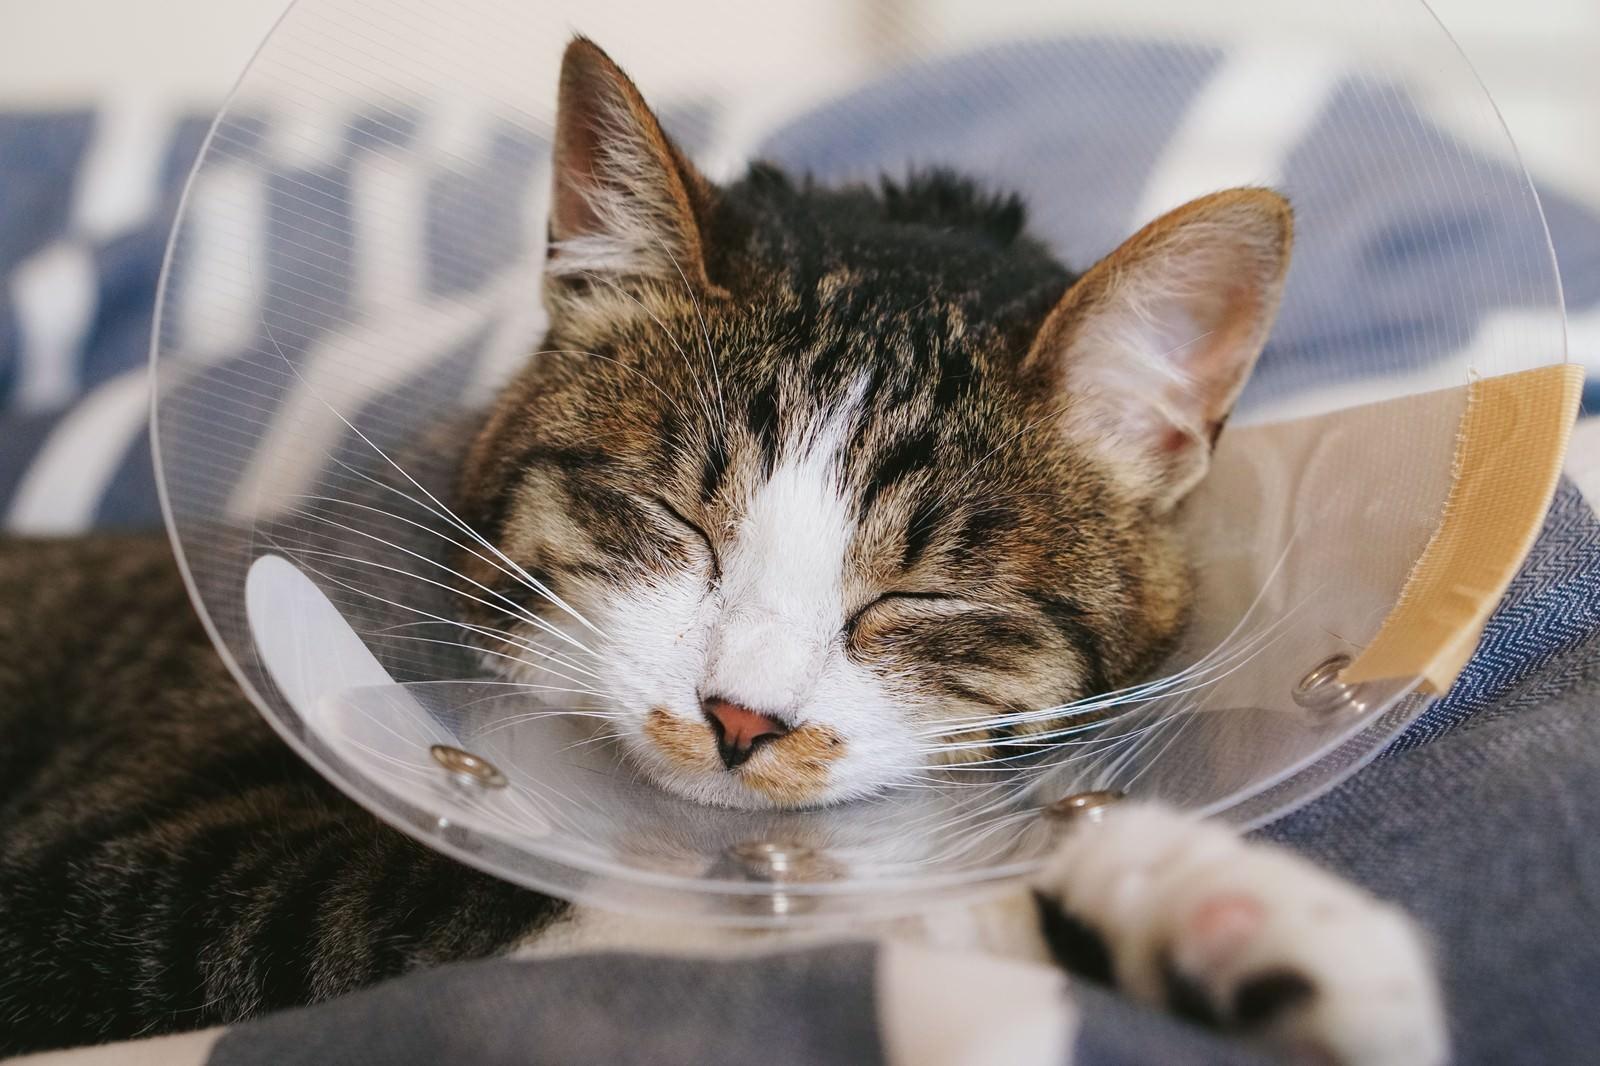 「エリザベスカラーをつけたまま眠る猫」の写真